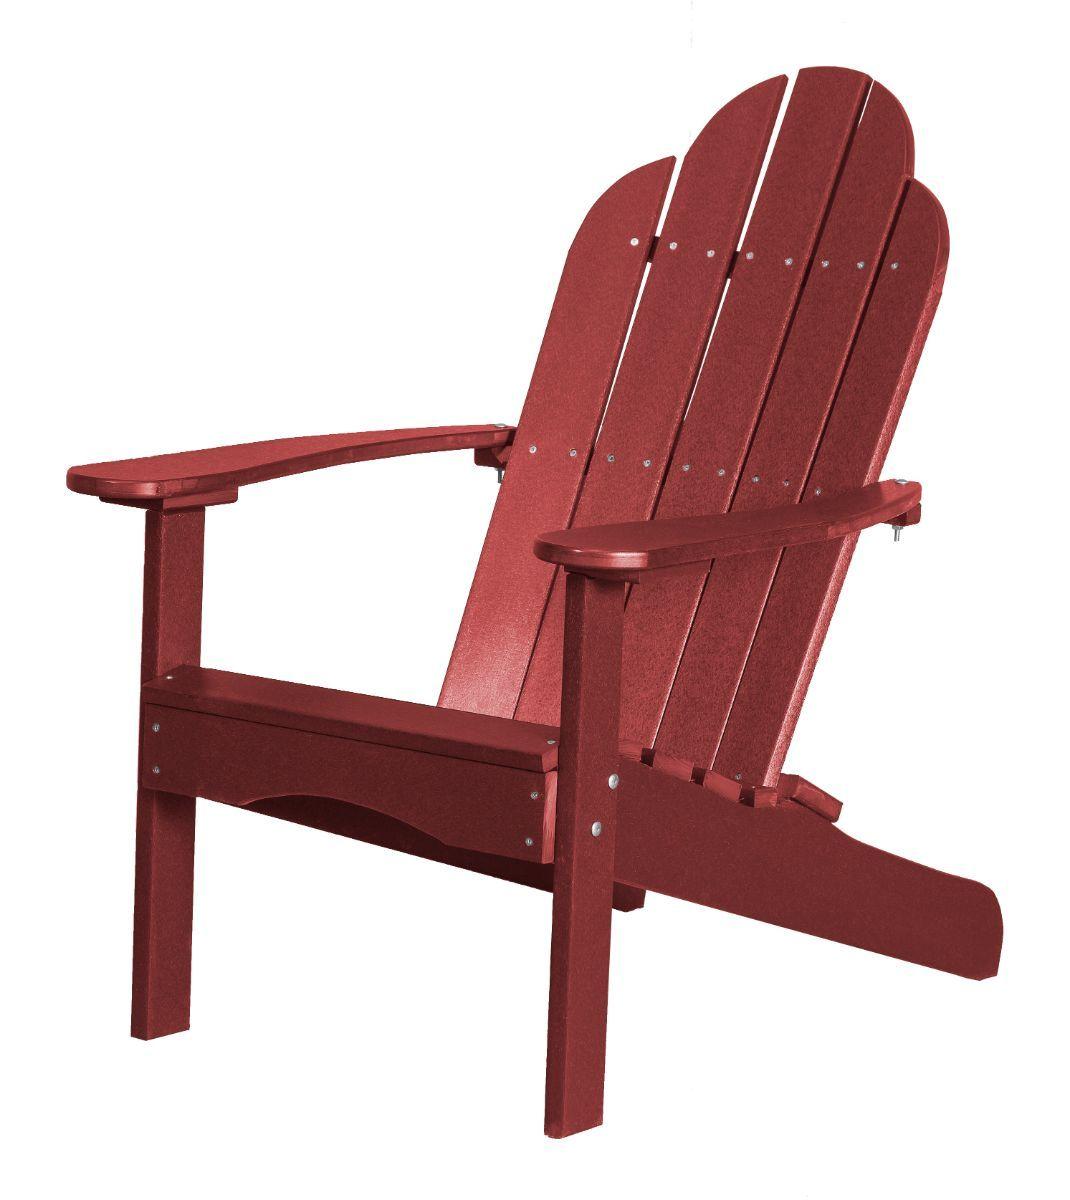 Cherry Wood Odessa Adirondack Chair